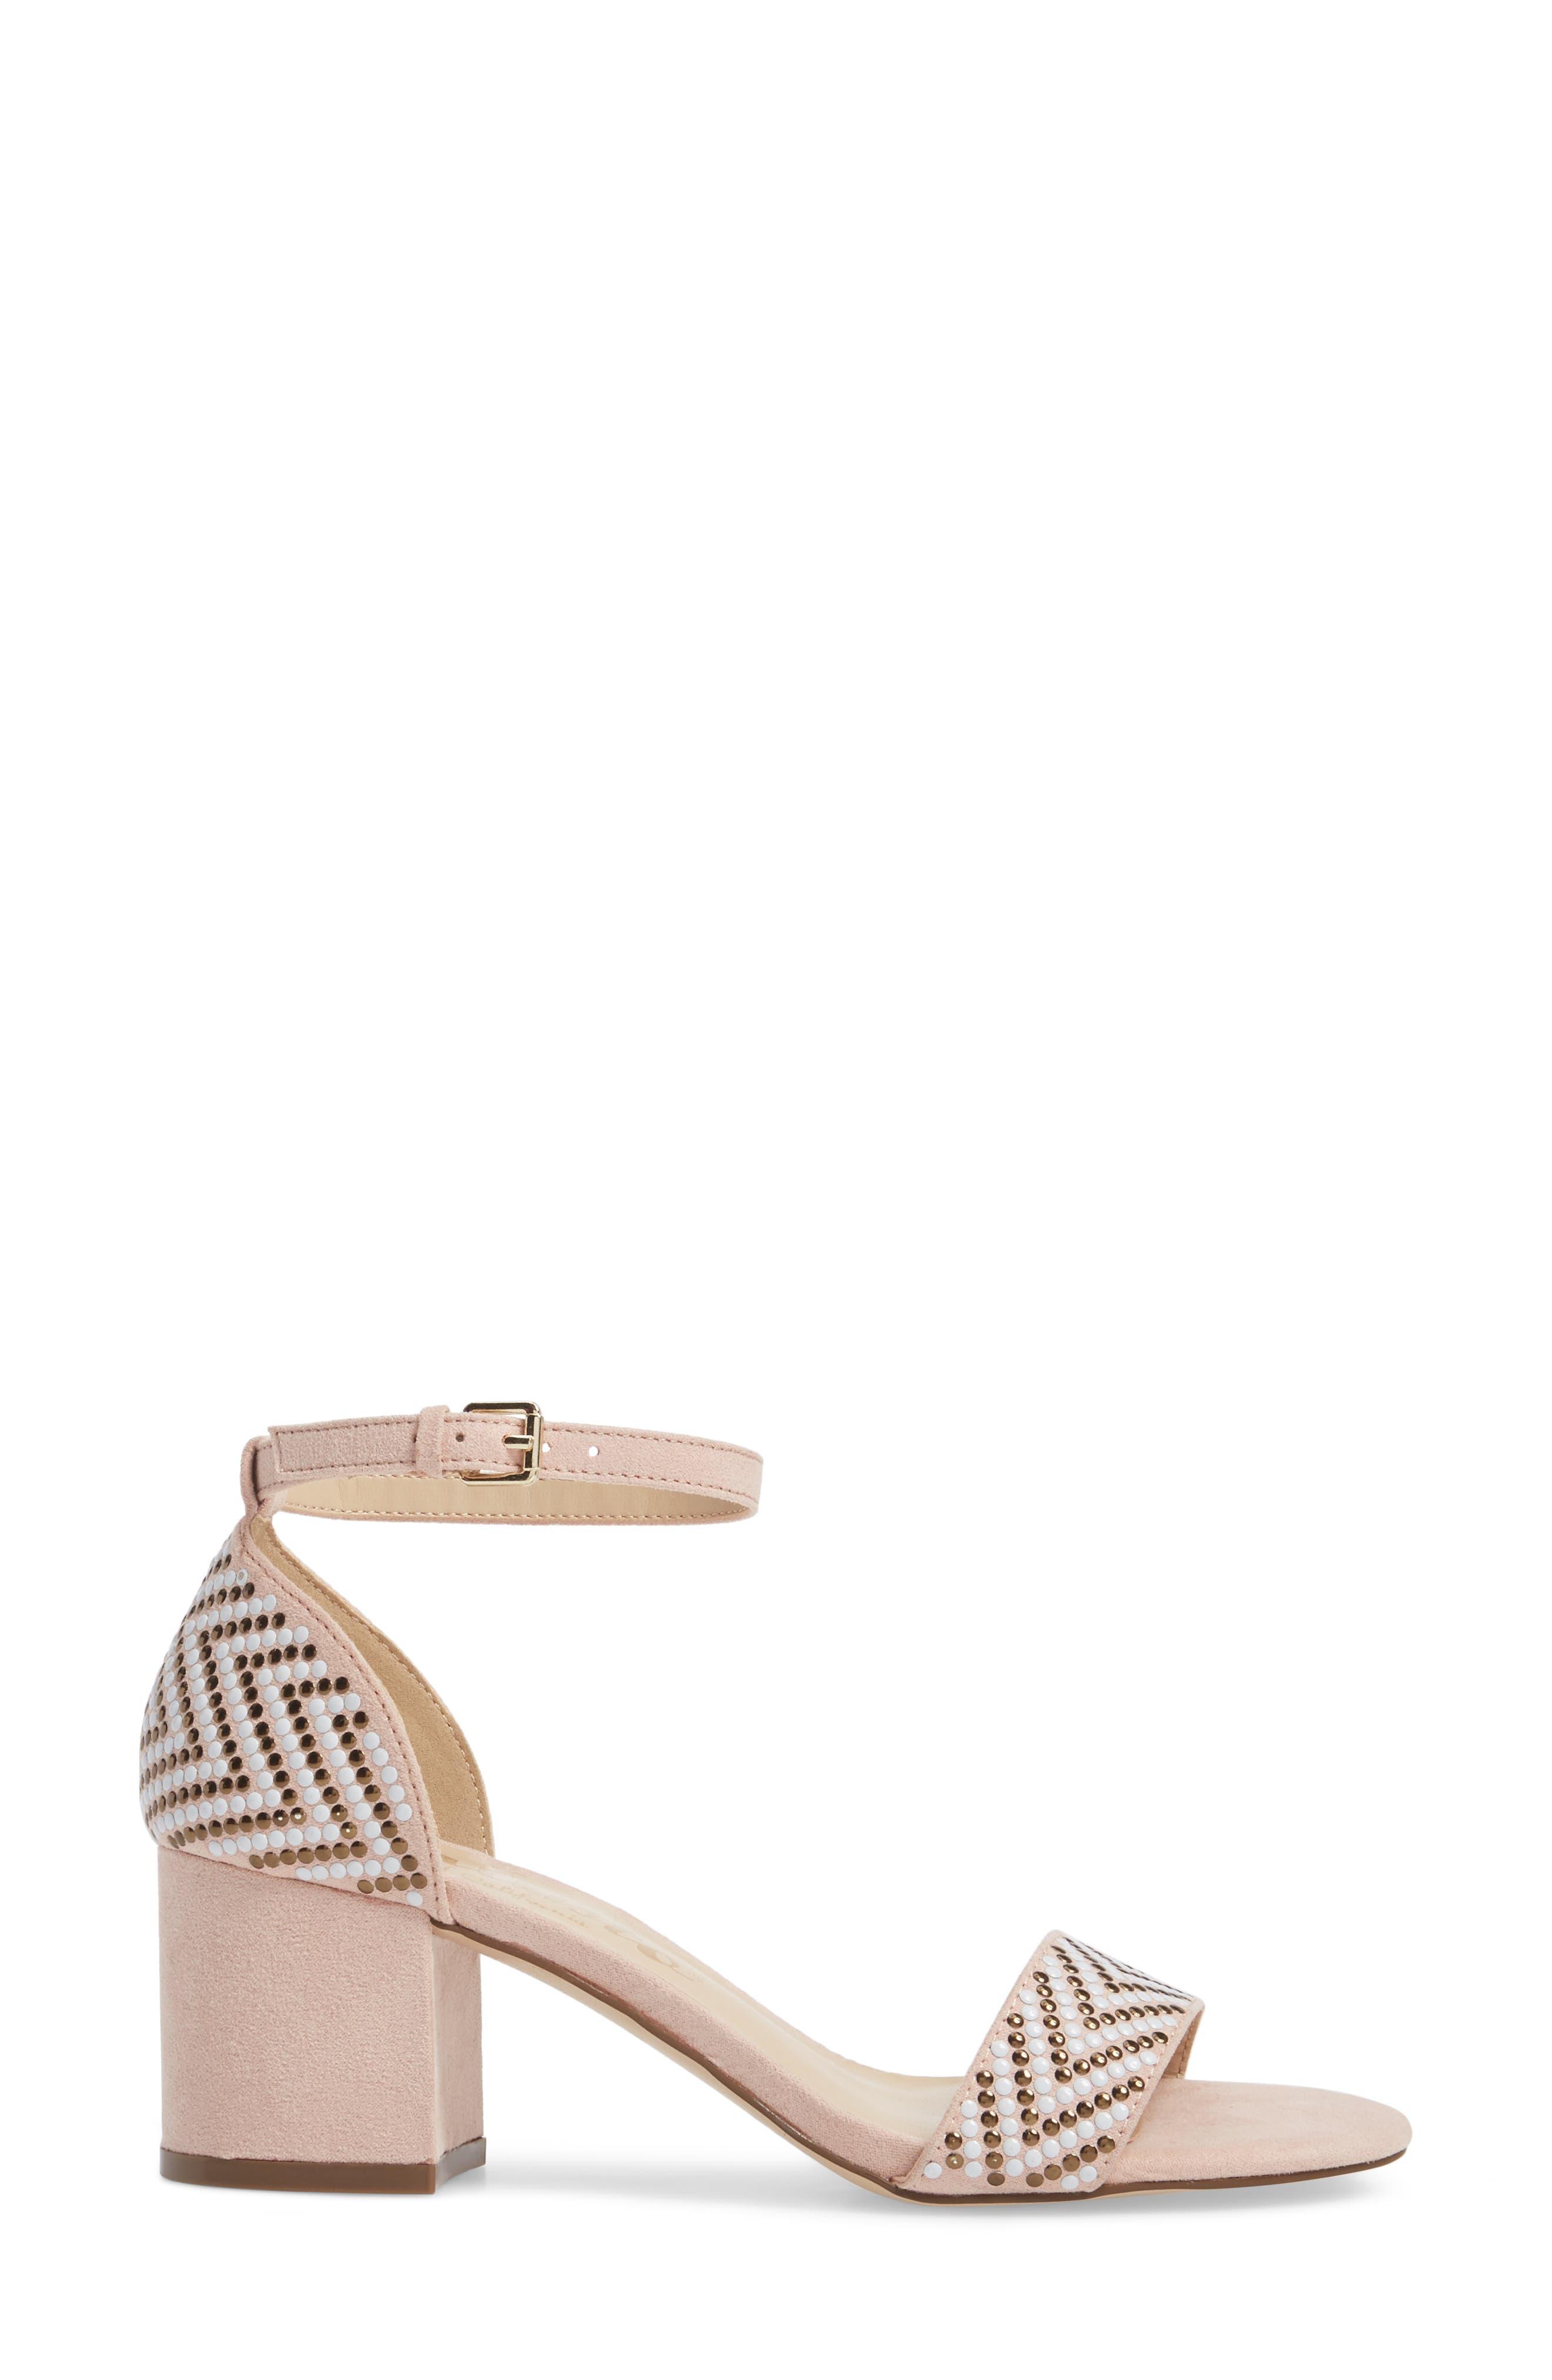 Mercer Ankle Strap Sandal,                             Alternate thumbnail 3, color,                             650